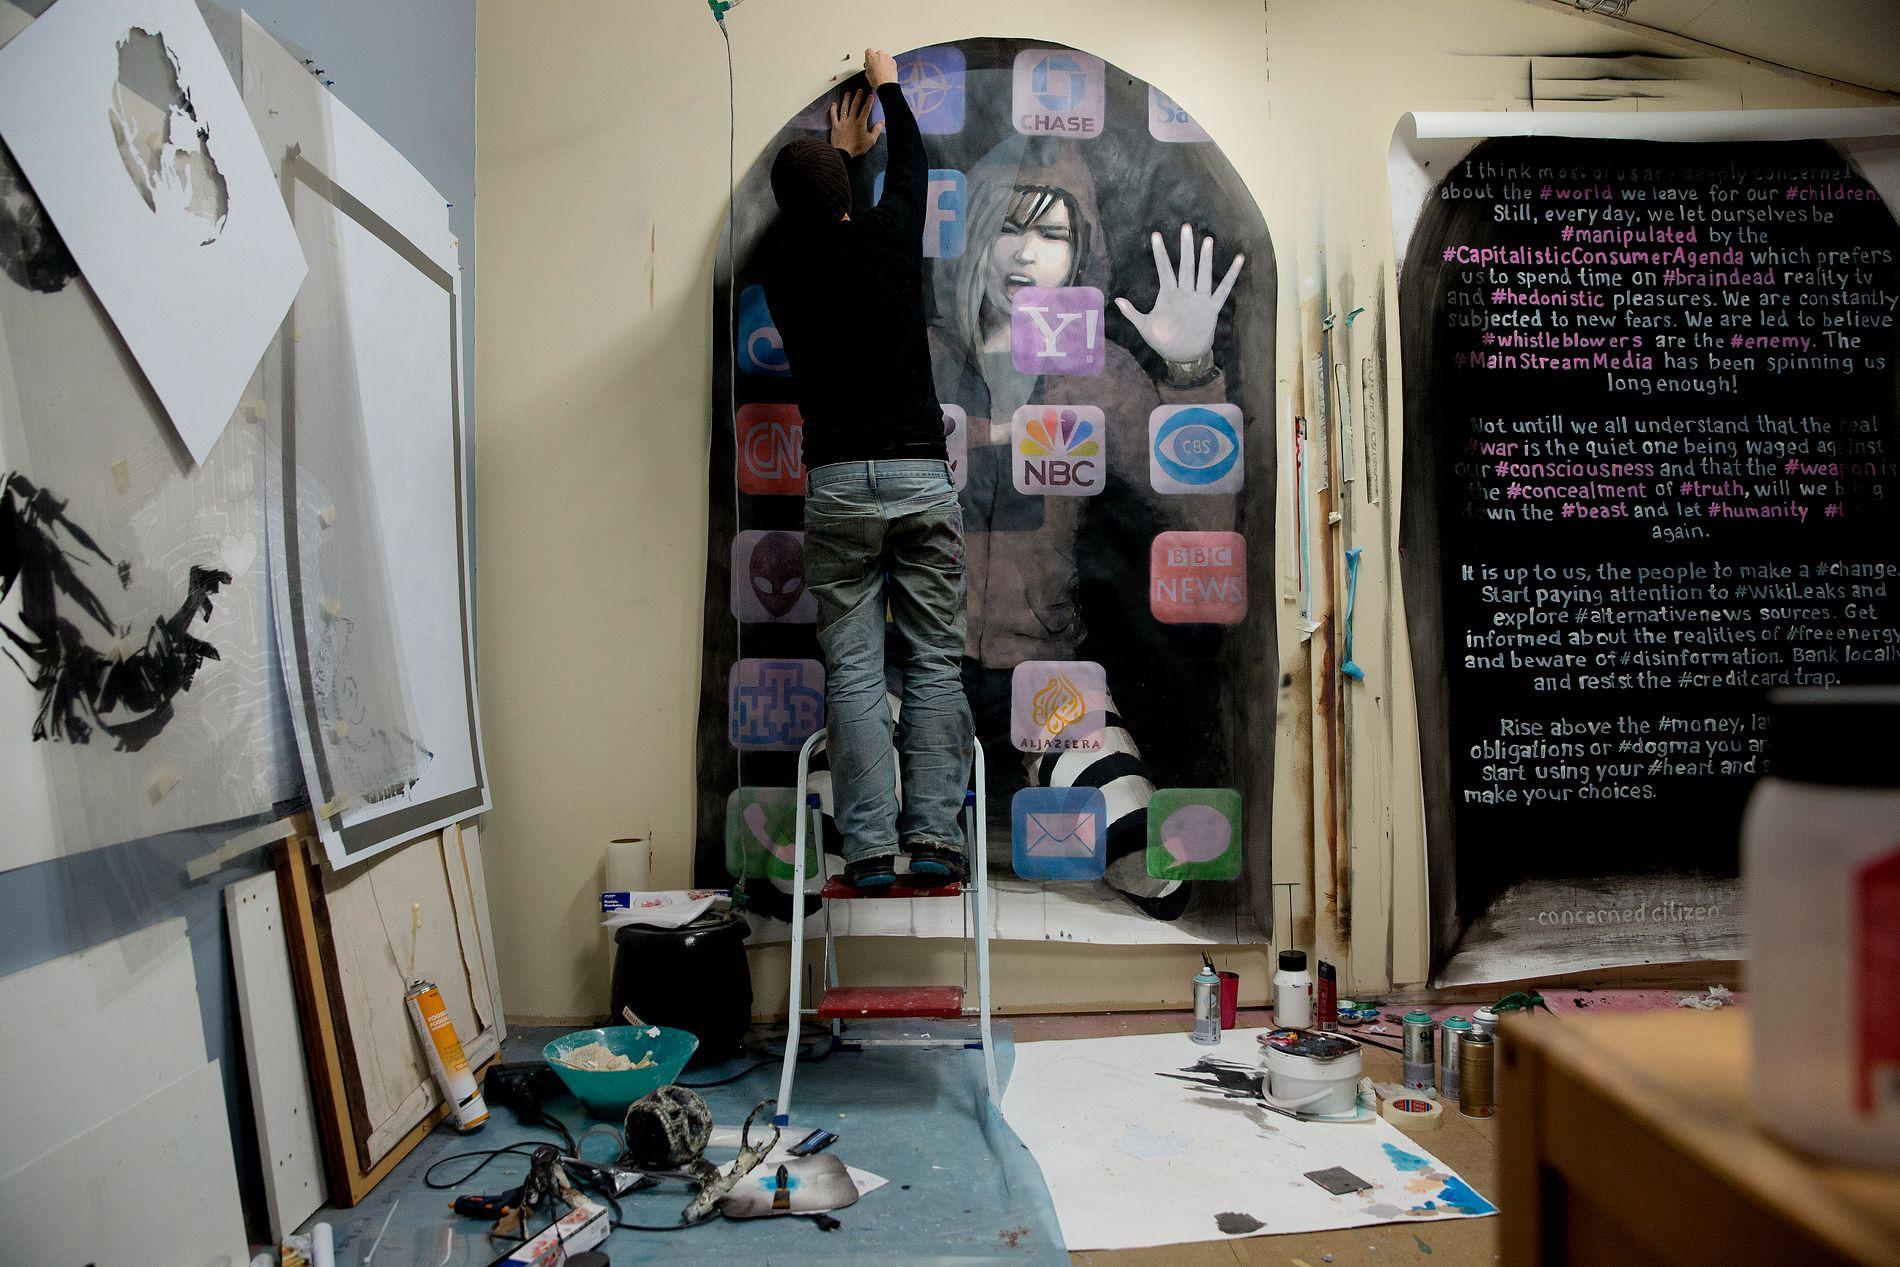 VERKSTEDET: AFKs nye piece ble laget på verkstedet hans, og satt opp under Smørsbroen i natt.